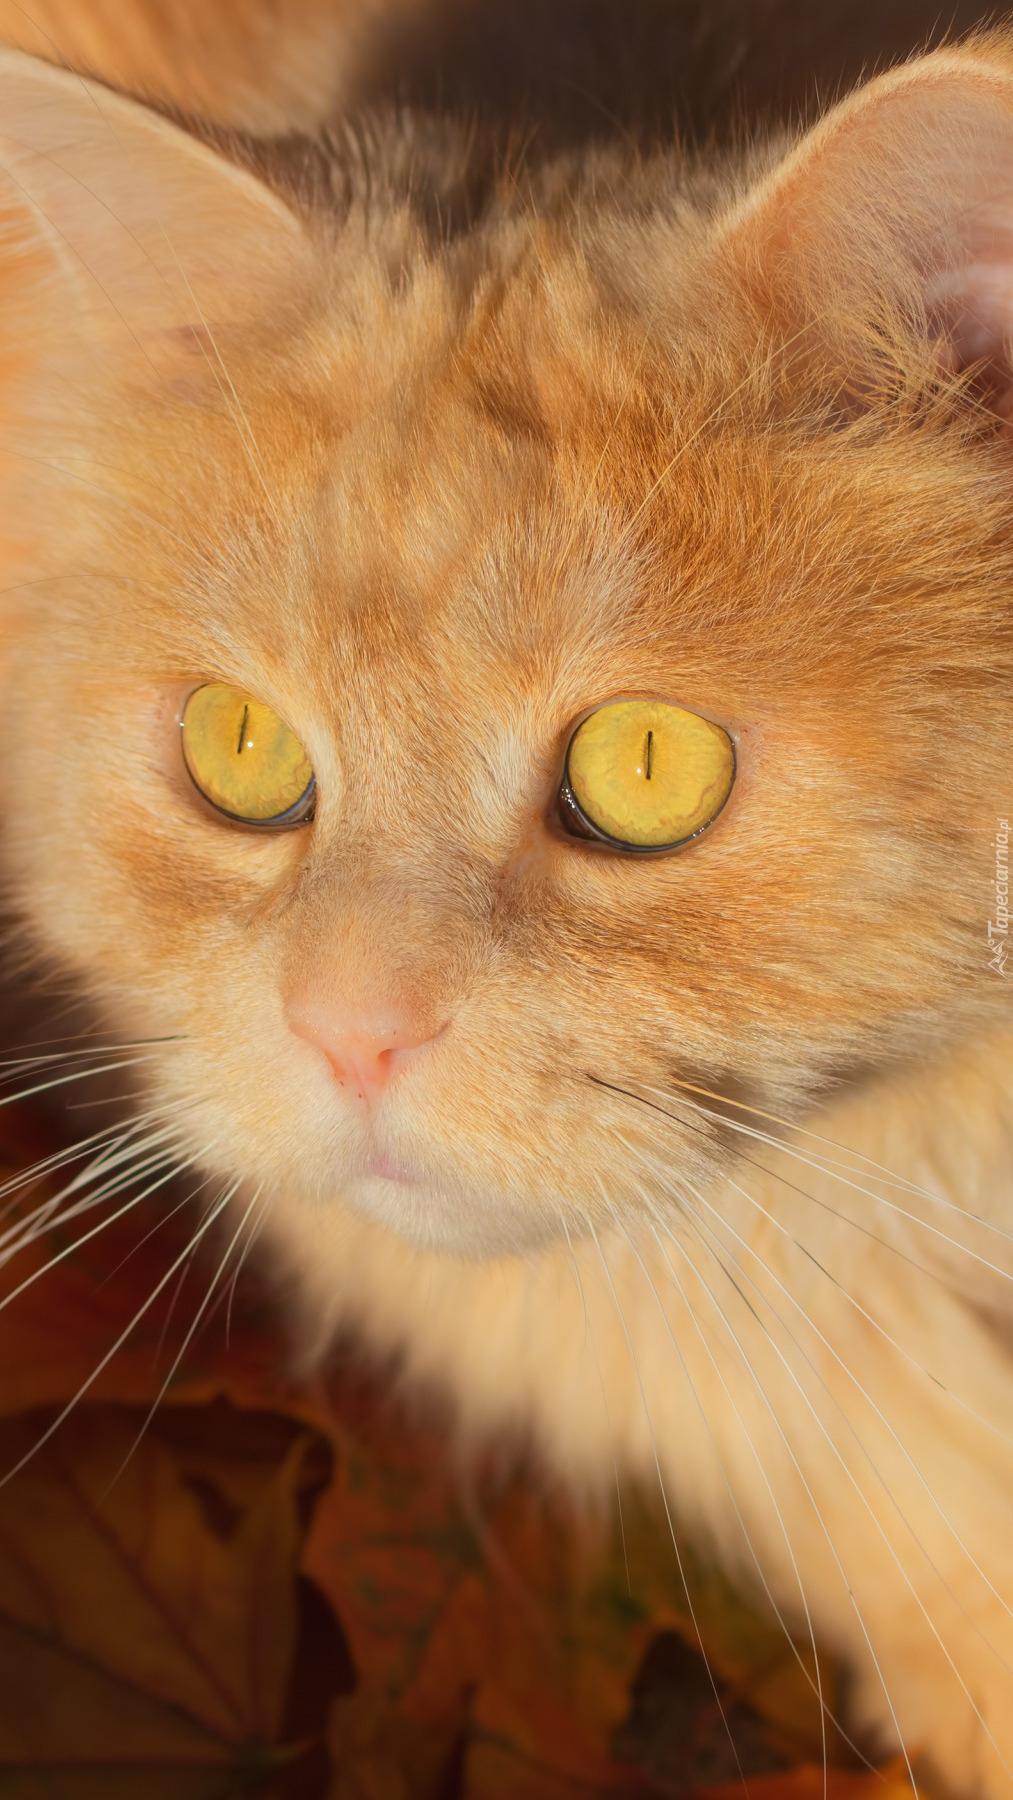 Rudy kot z miodowymi oczami